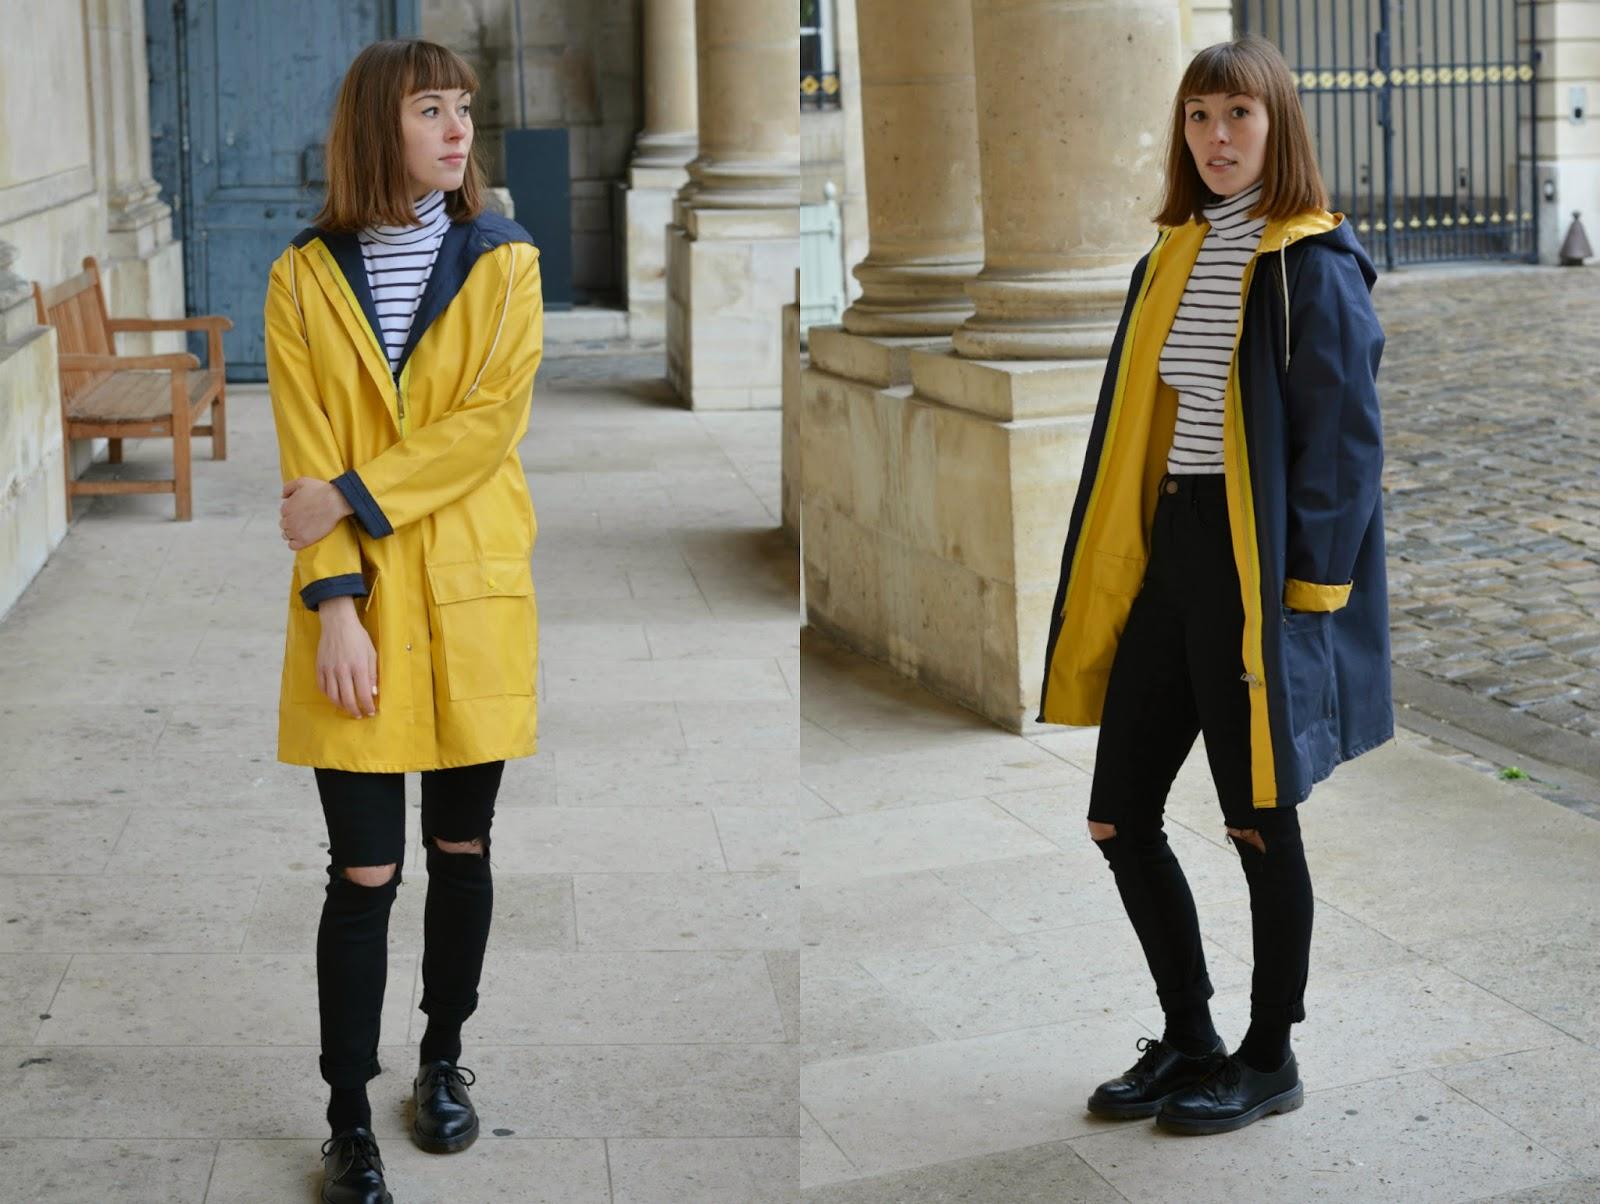 doc martens Archives - Fashion Et Moi